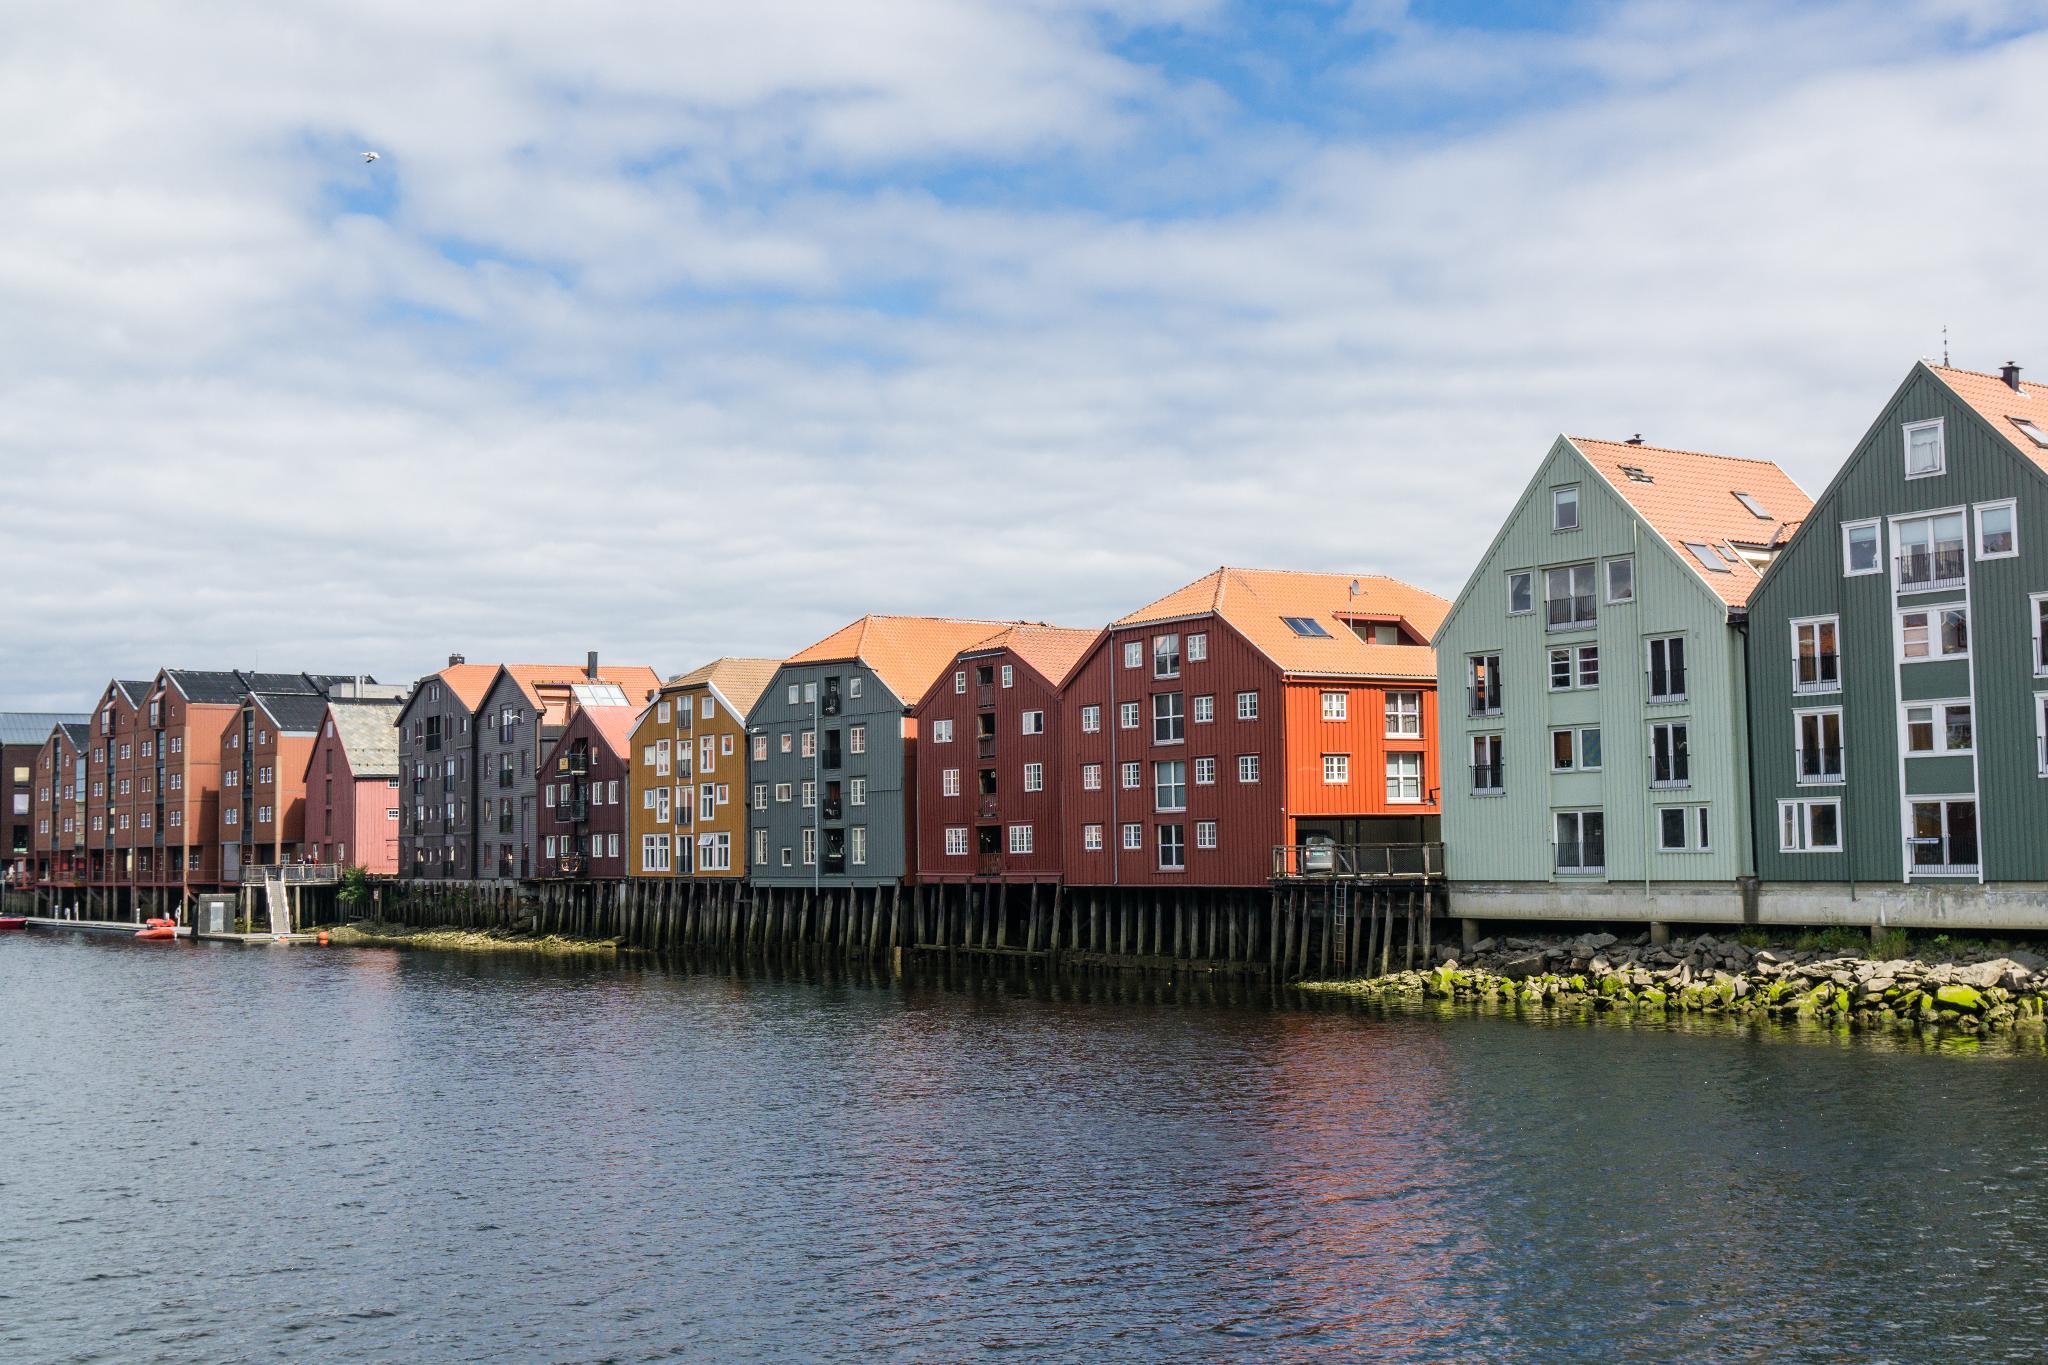 【北歐景點】拜訪維京王的千年古城 - Trondheim 特隆赫姆景點懶人包 40